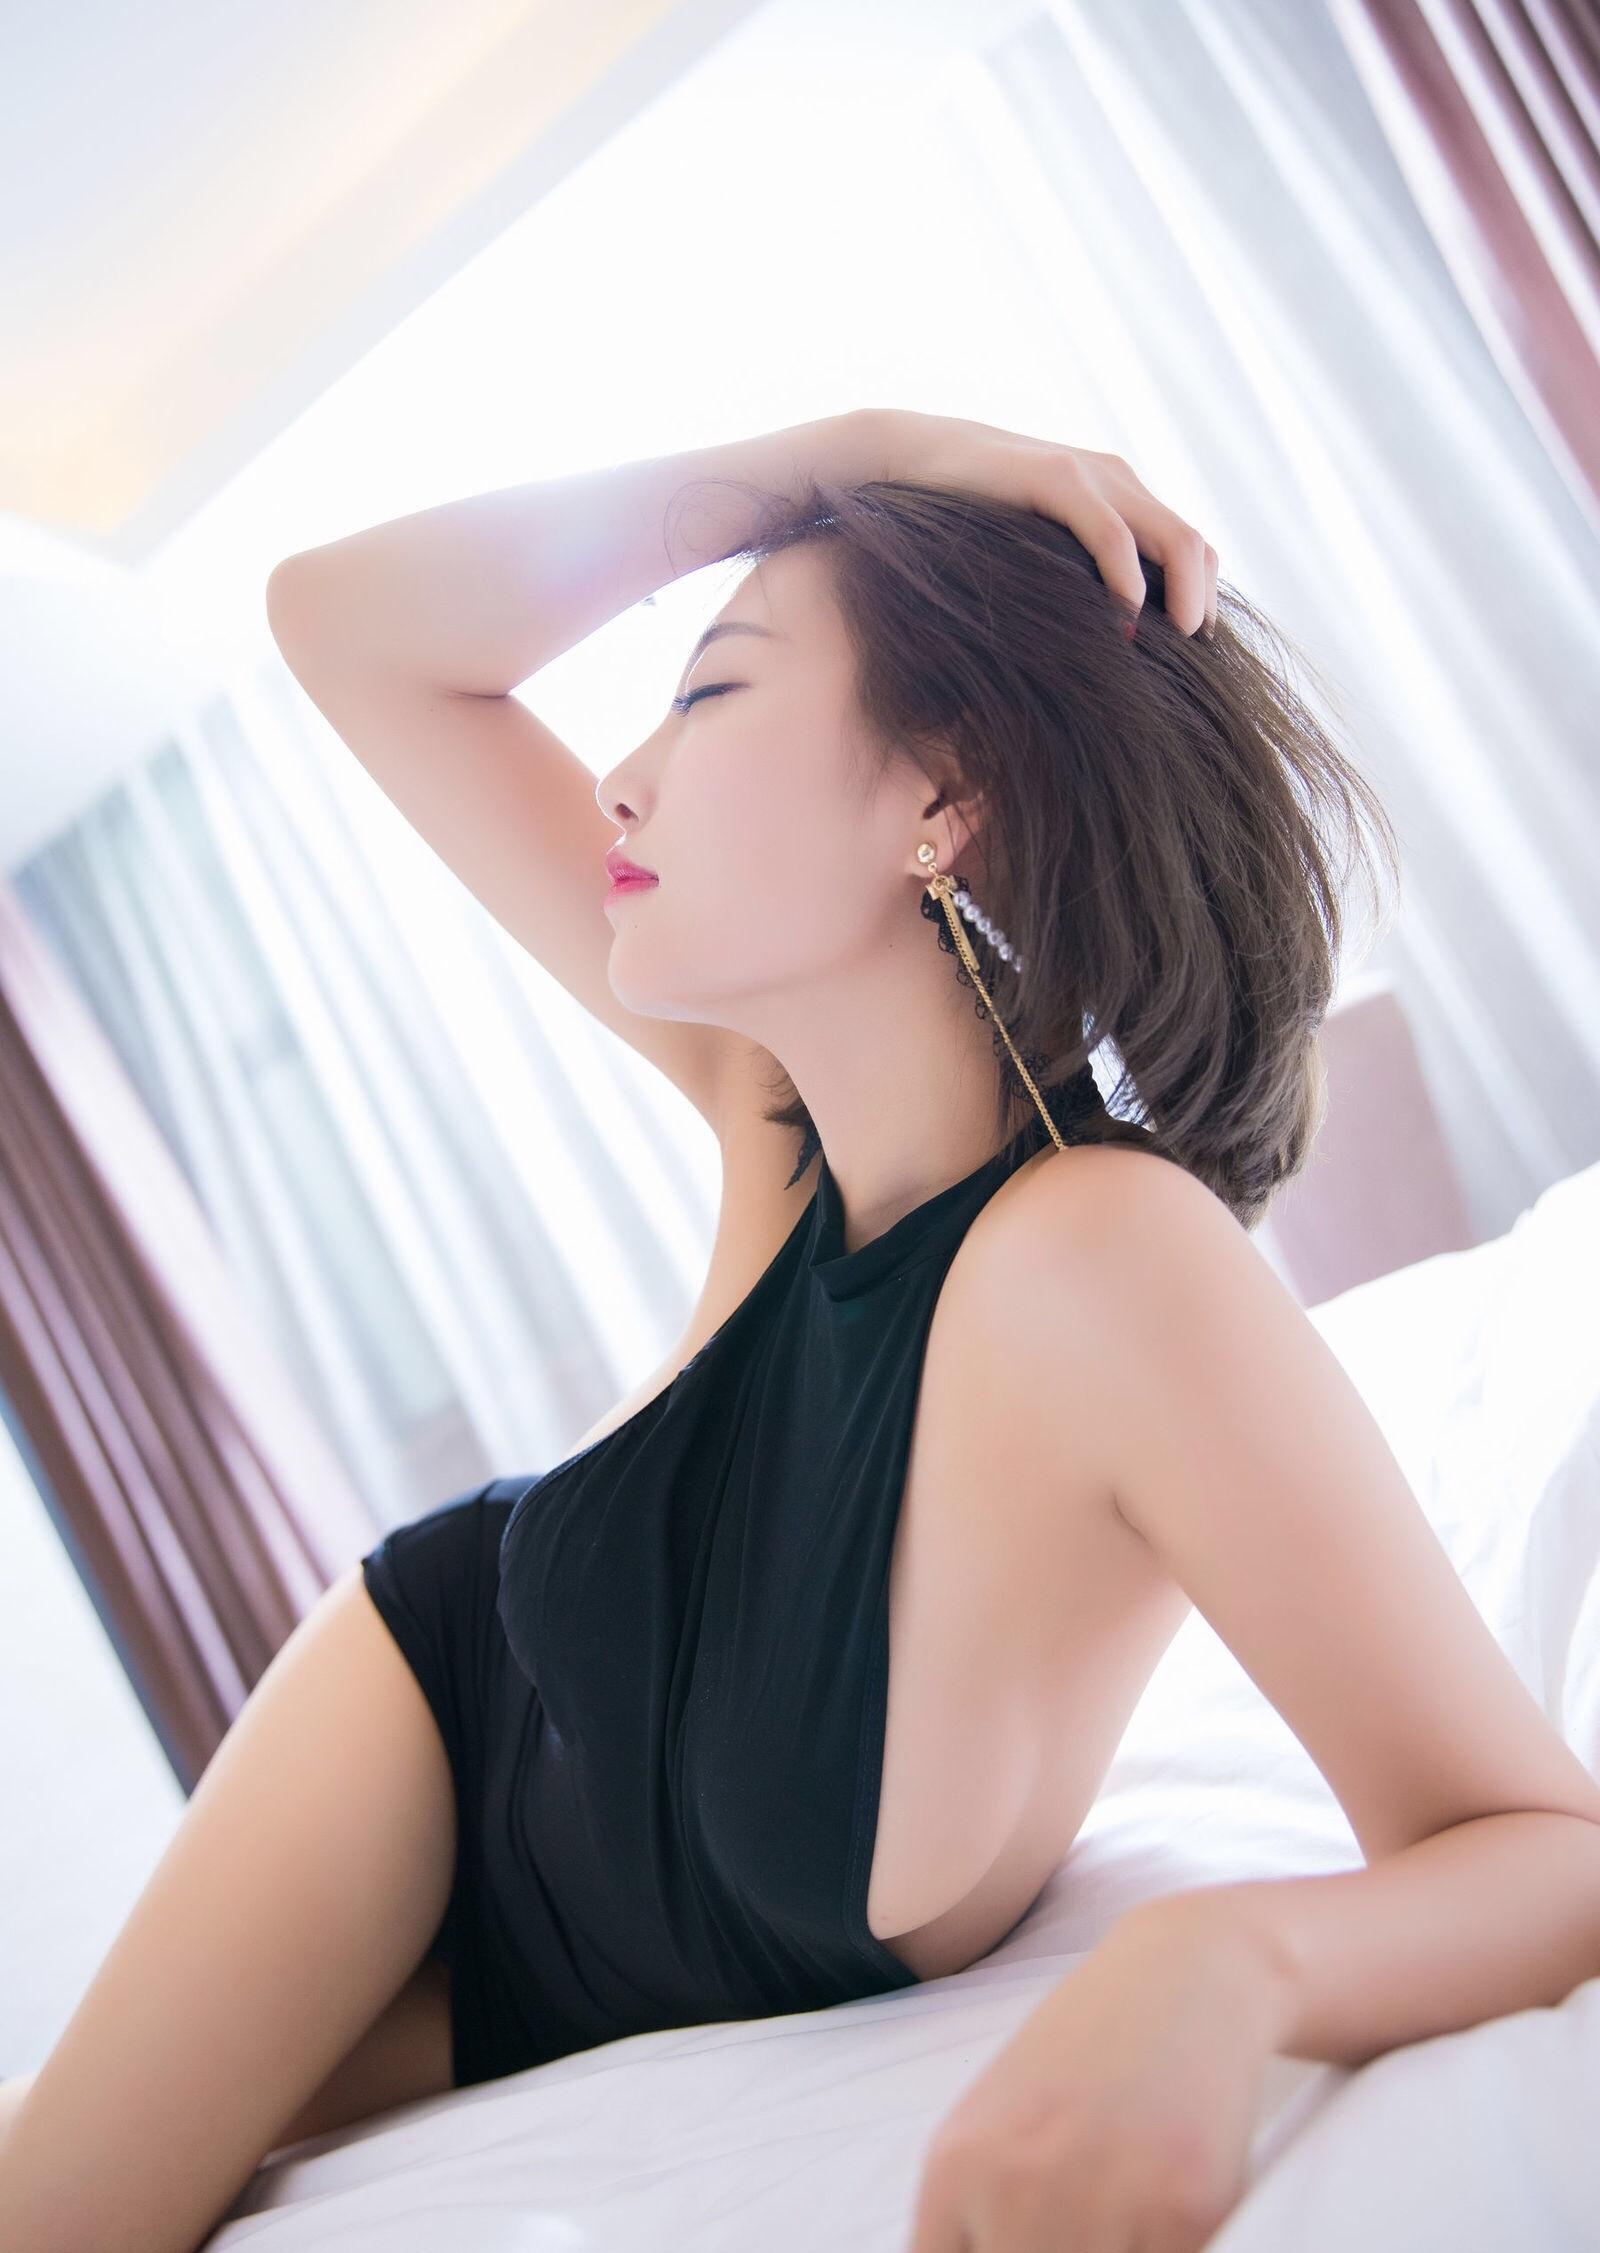 杨晨晨のセクシーすぎるボディコンドレス 17